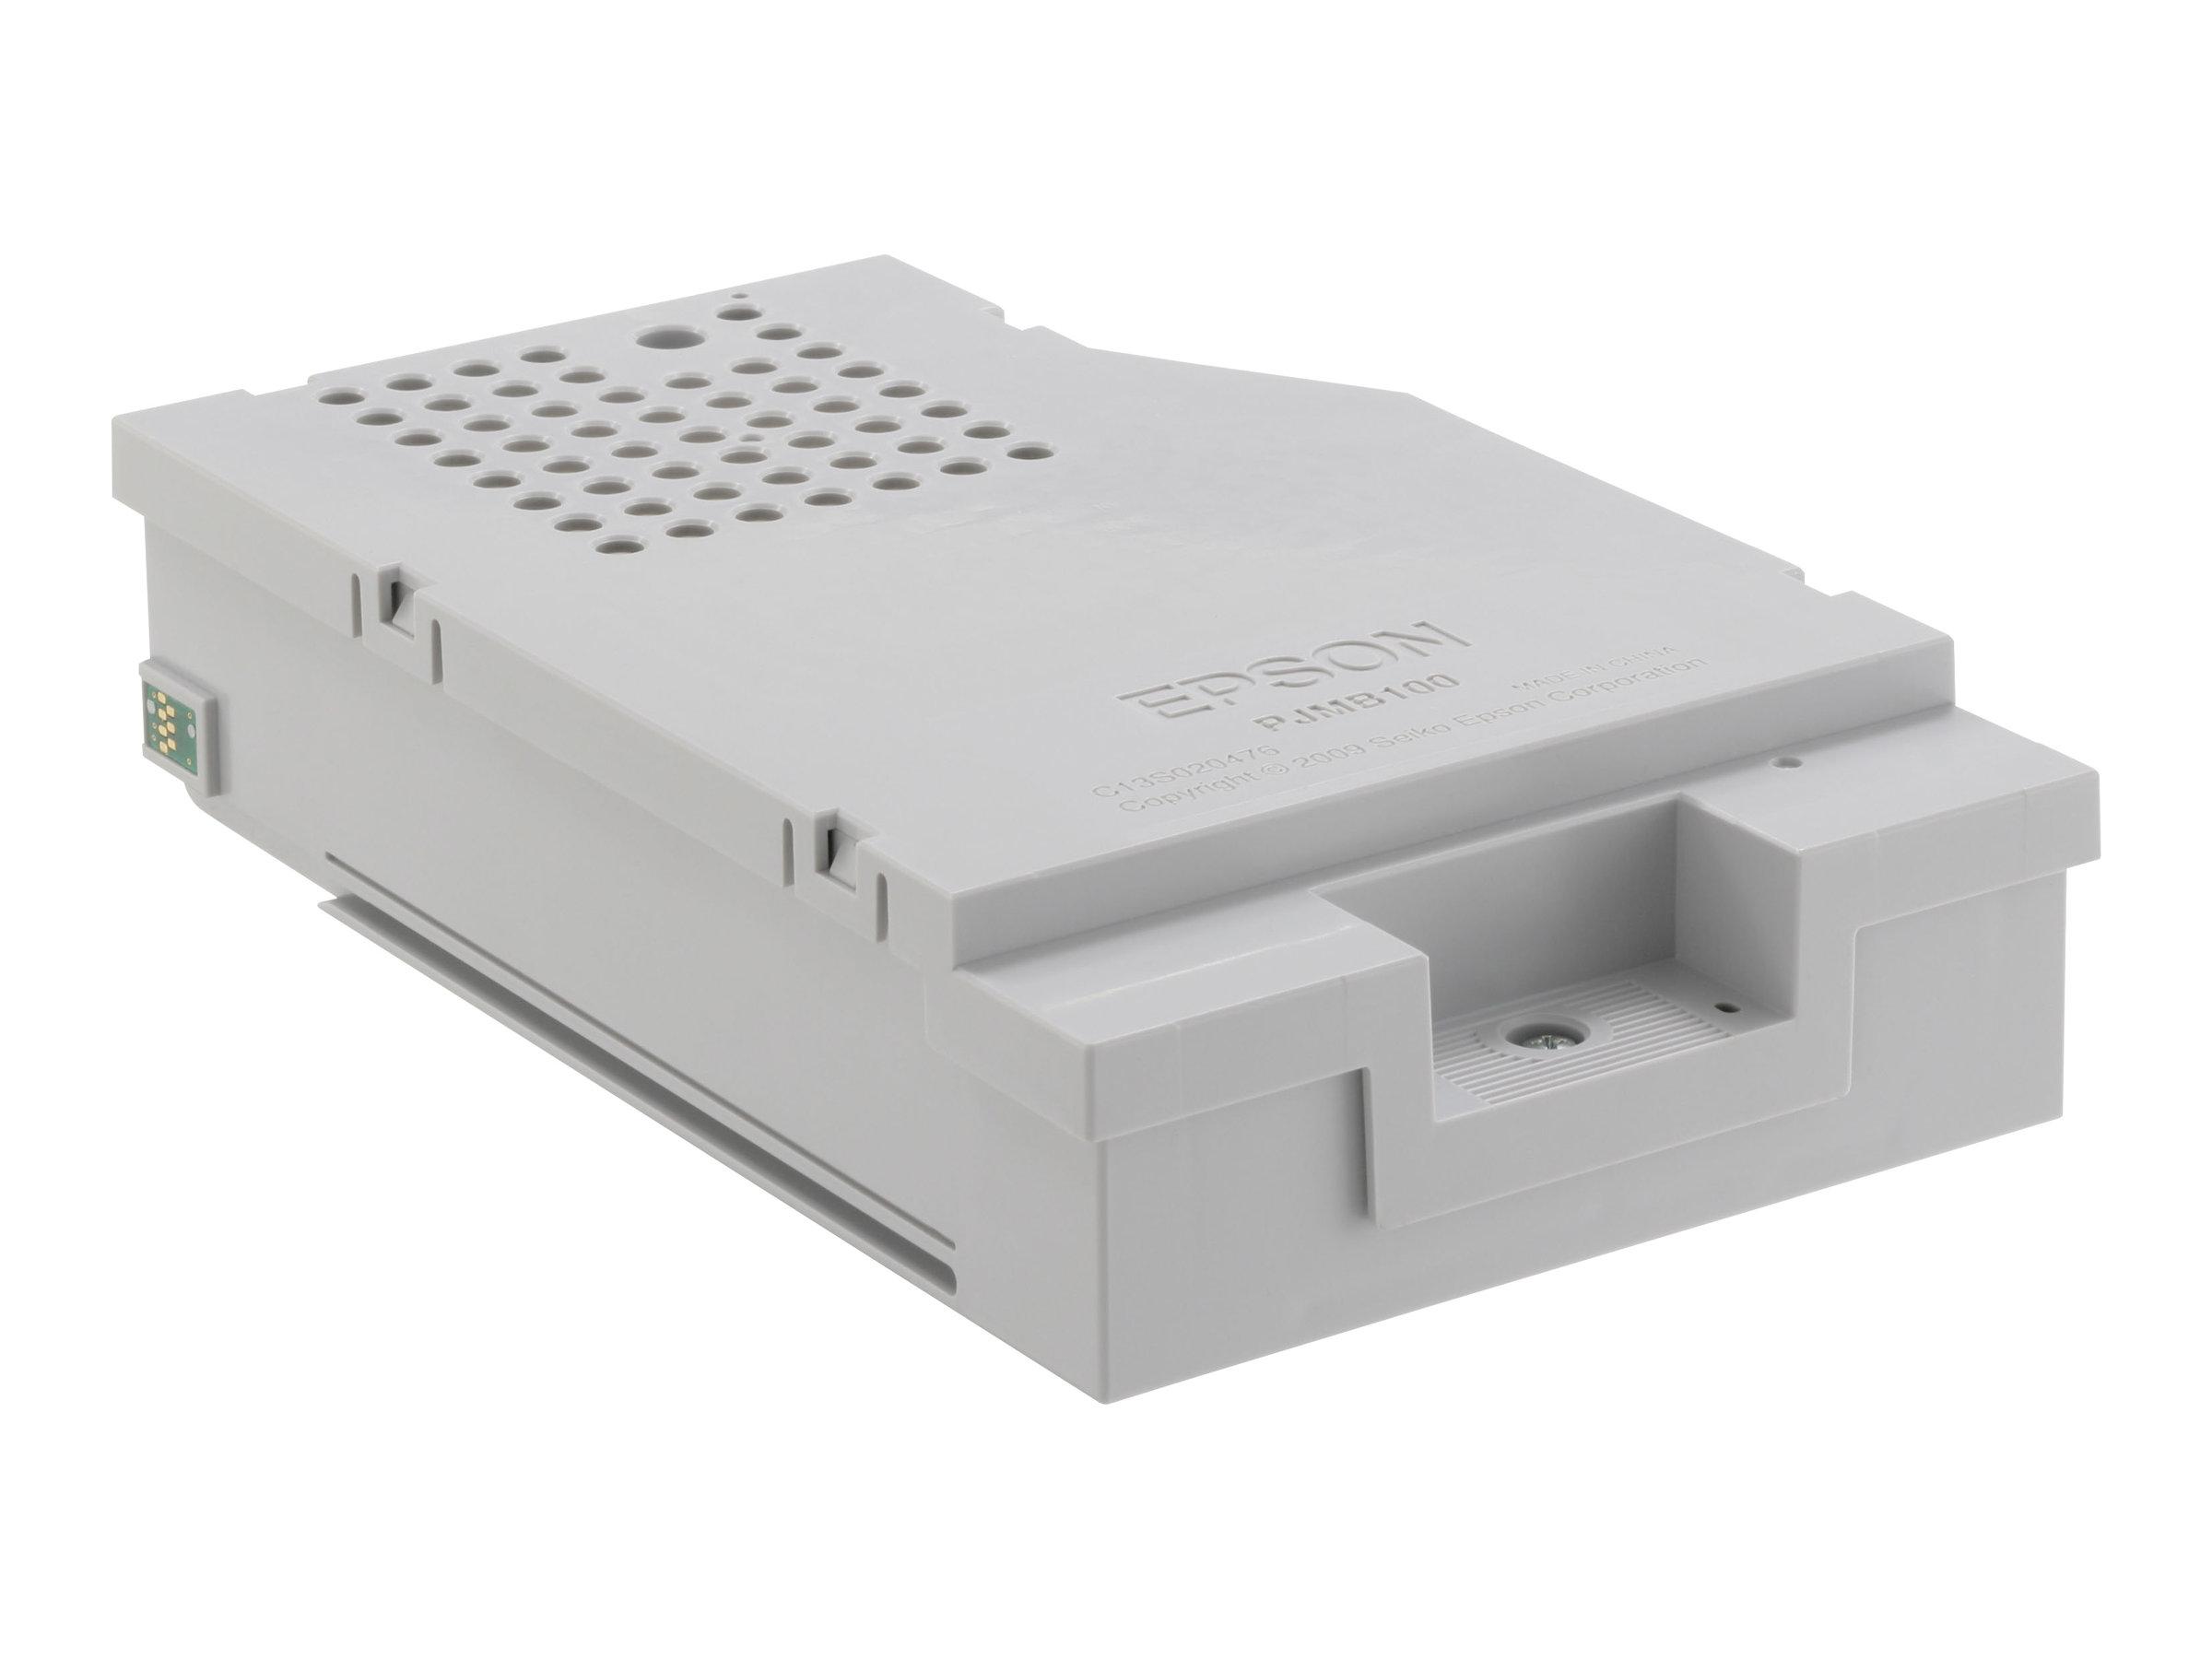 Epson Maintenance Box - Auffangbehälter für Resttinten - für Discproducer PP-100AP, PP-100II, PP-100IIBD, PP-100III, PP-50II